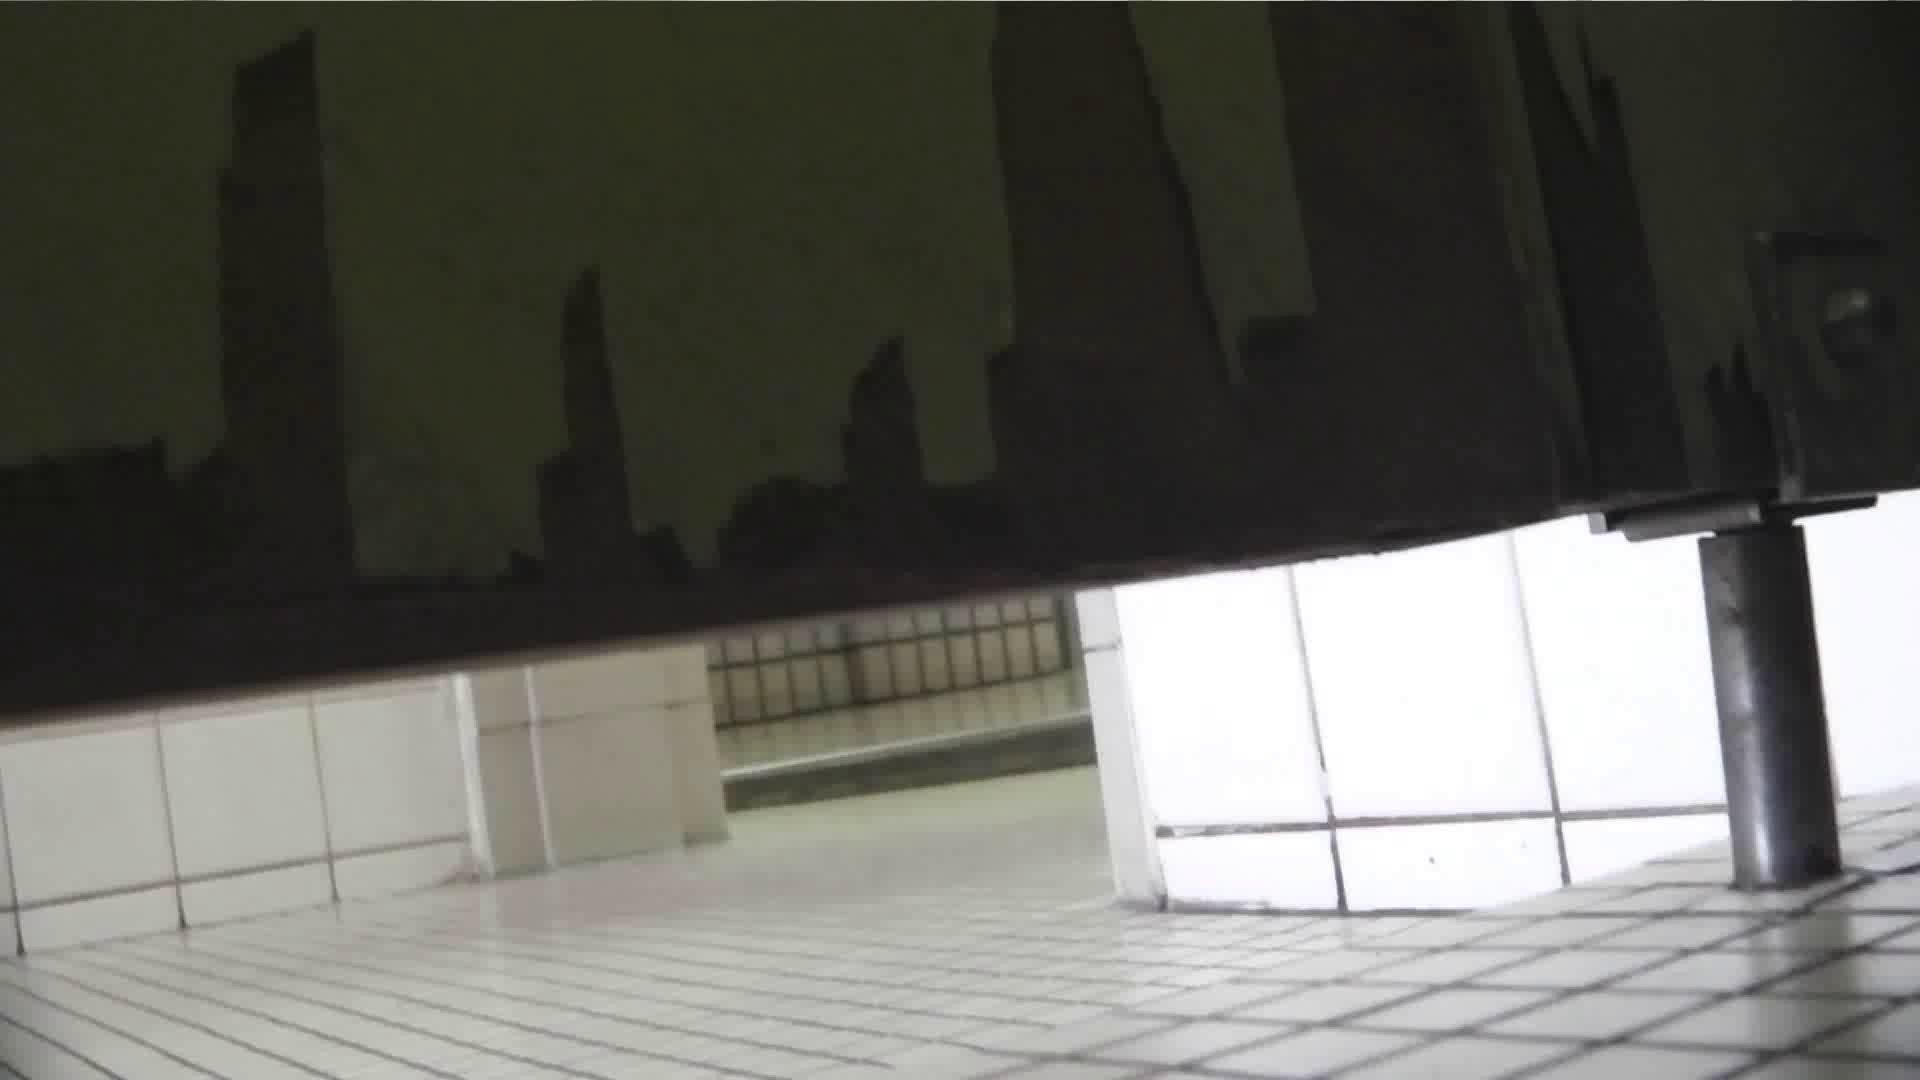 【美しき個室な世界】 vol.025 メガネ属性ヾ(´∀`)ノ 高評価  112PIX 109